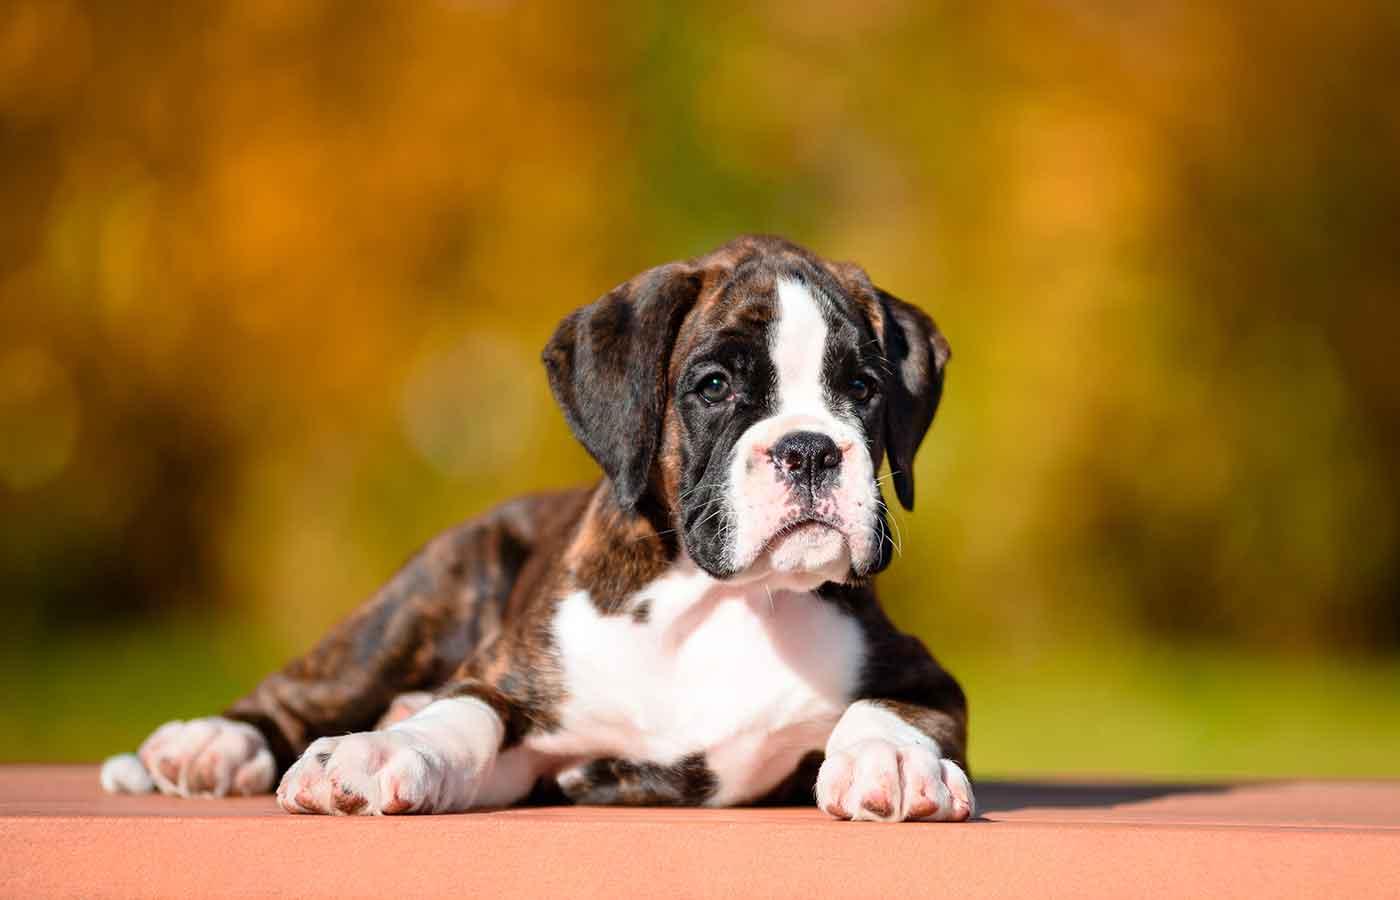 Los huesos son alimentos peligrosos para perros